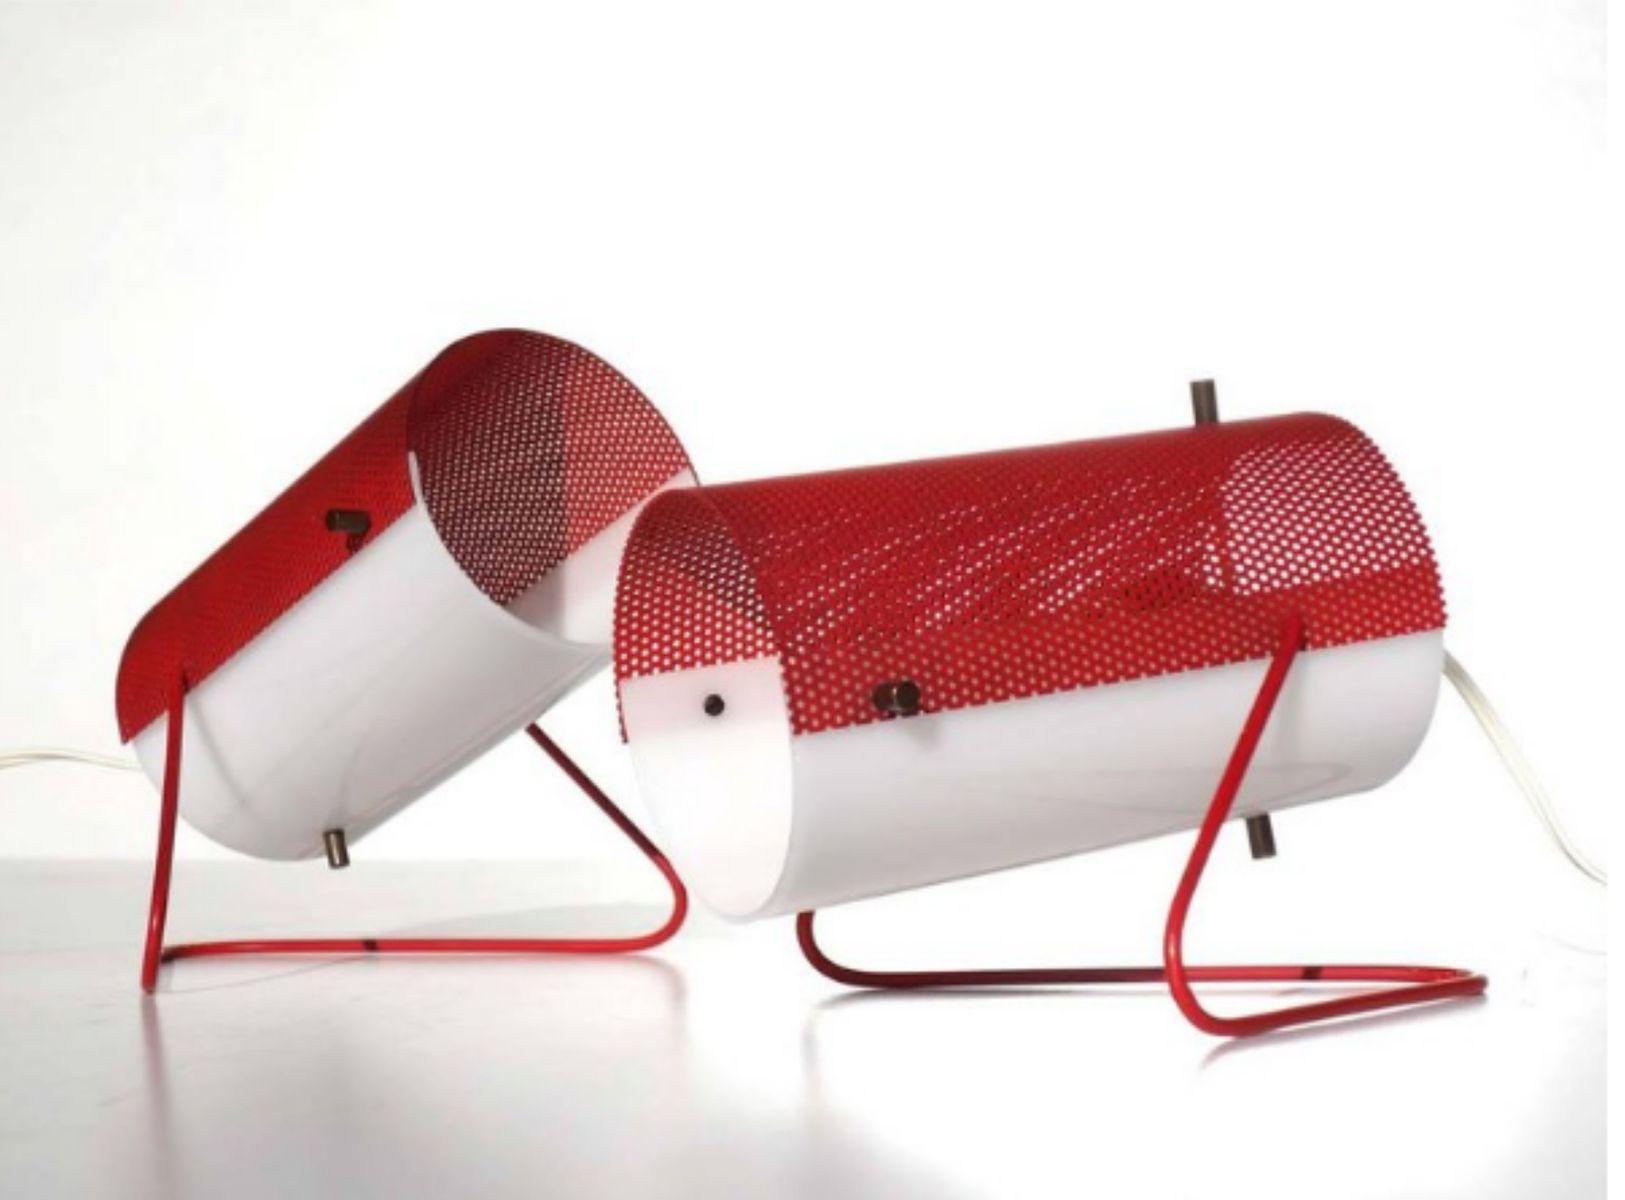 Lampes de bureau blanc rouge de stilux s set de en vente